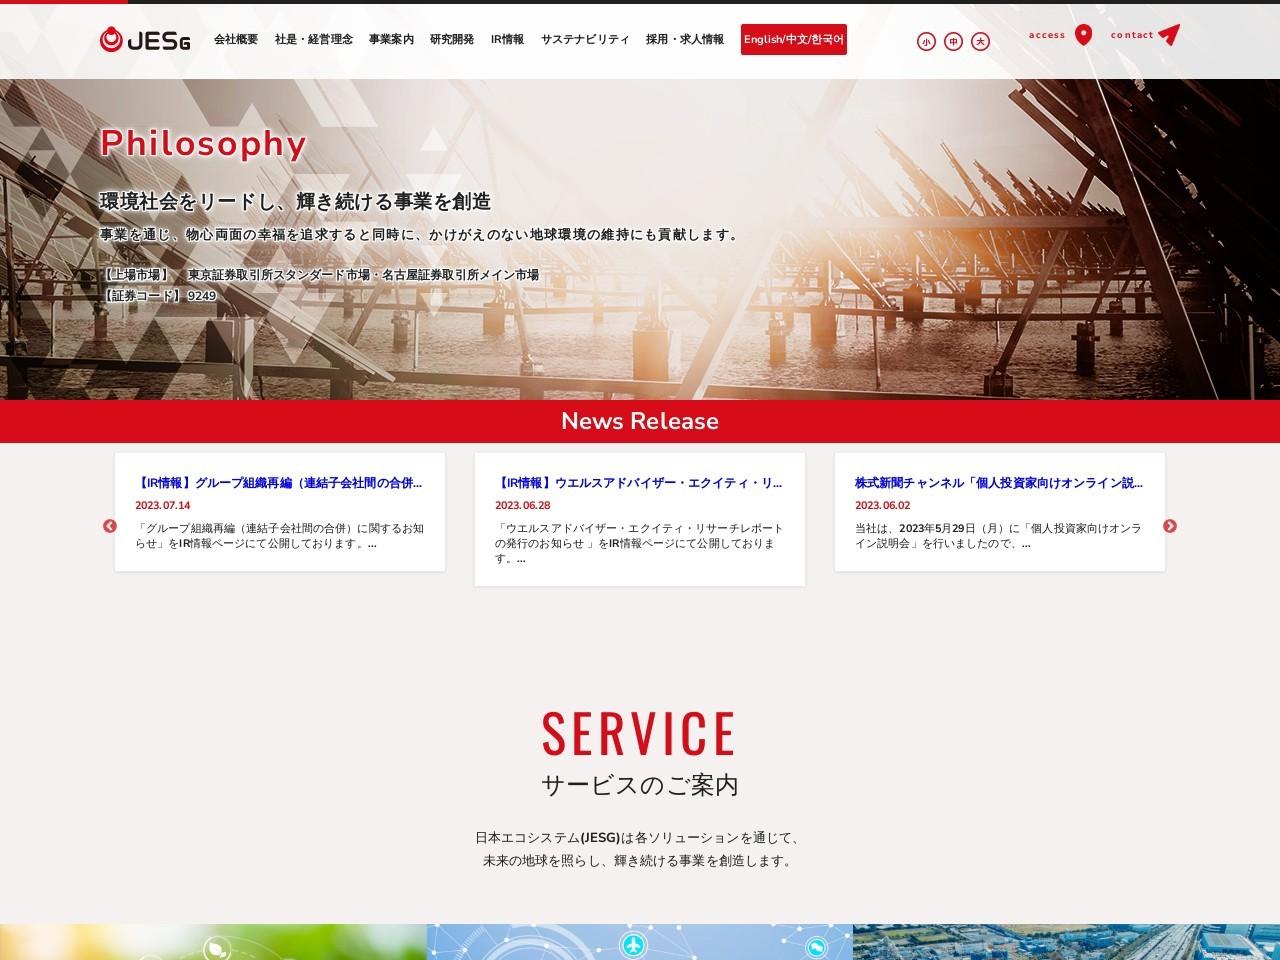 日本エコシステム株式会社電気空調サービス部